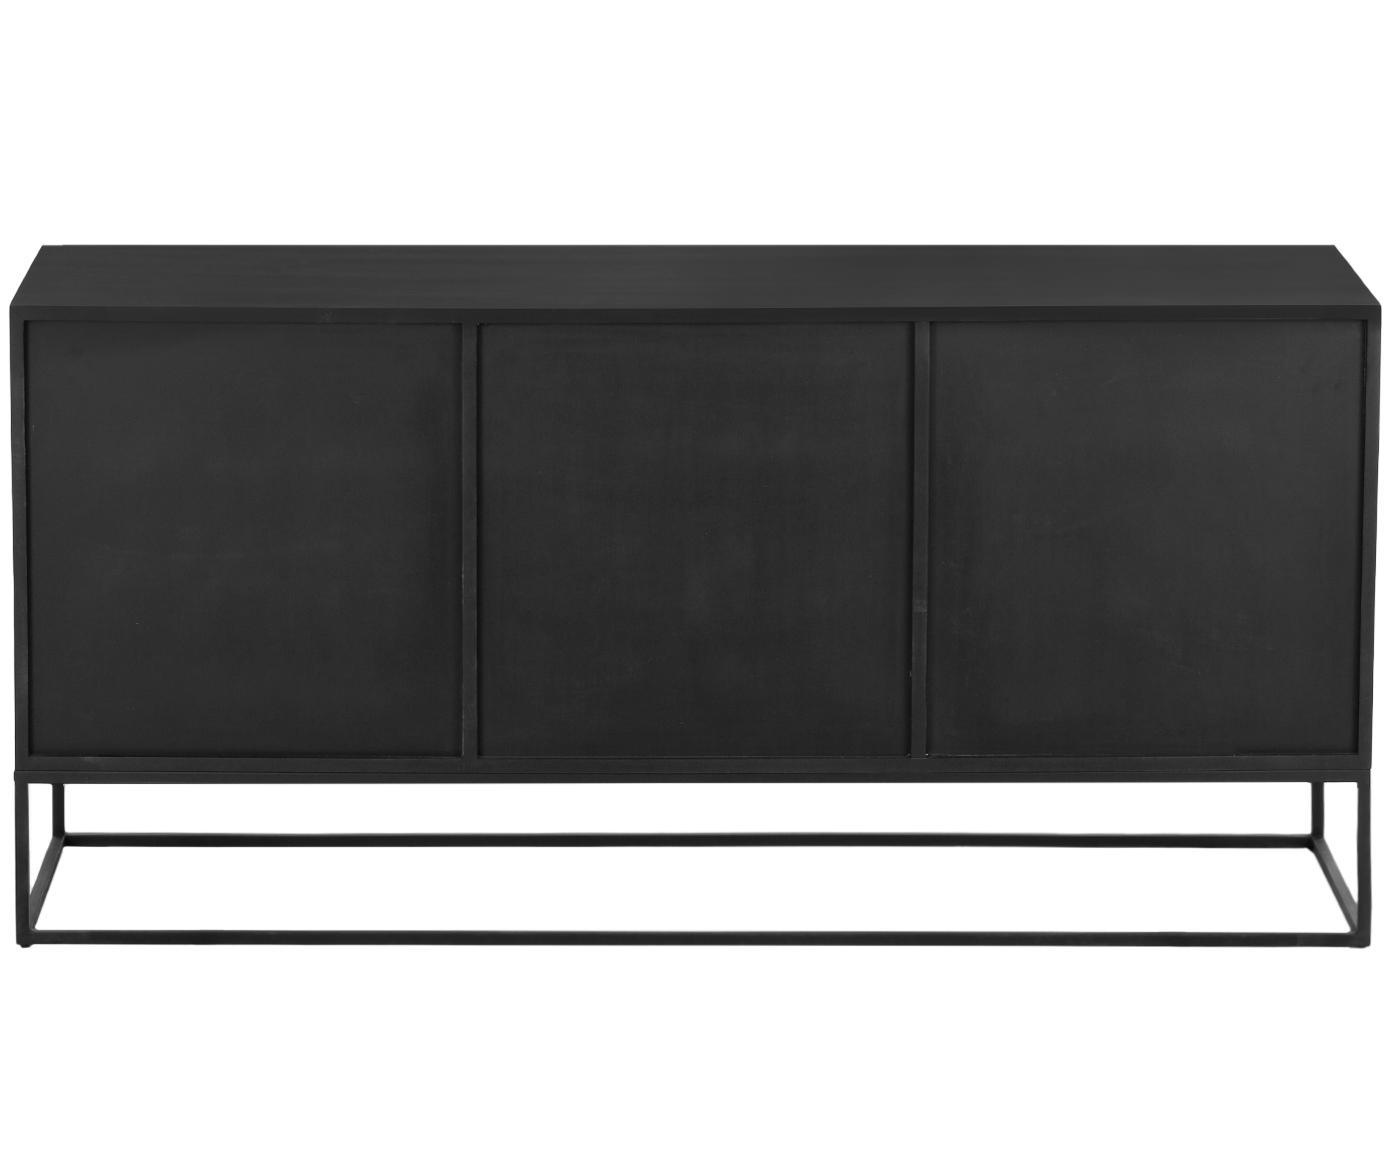 Komoda z drzwiczkami Lyle, Korpus: lite drewno mangowe, laki, Drewno mangowe, czarny lakierowany, S 150 x D 72 cm